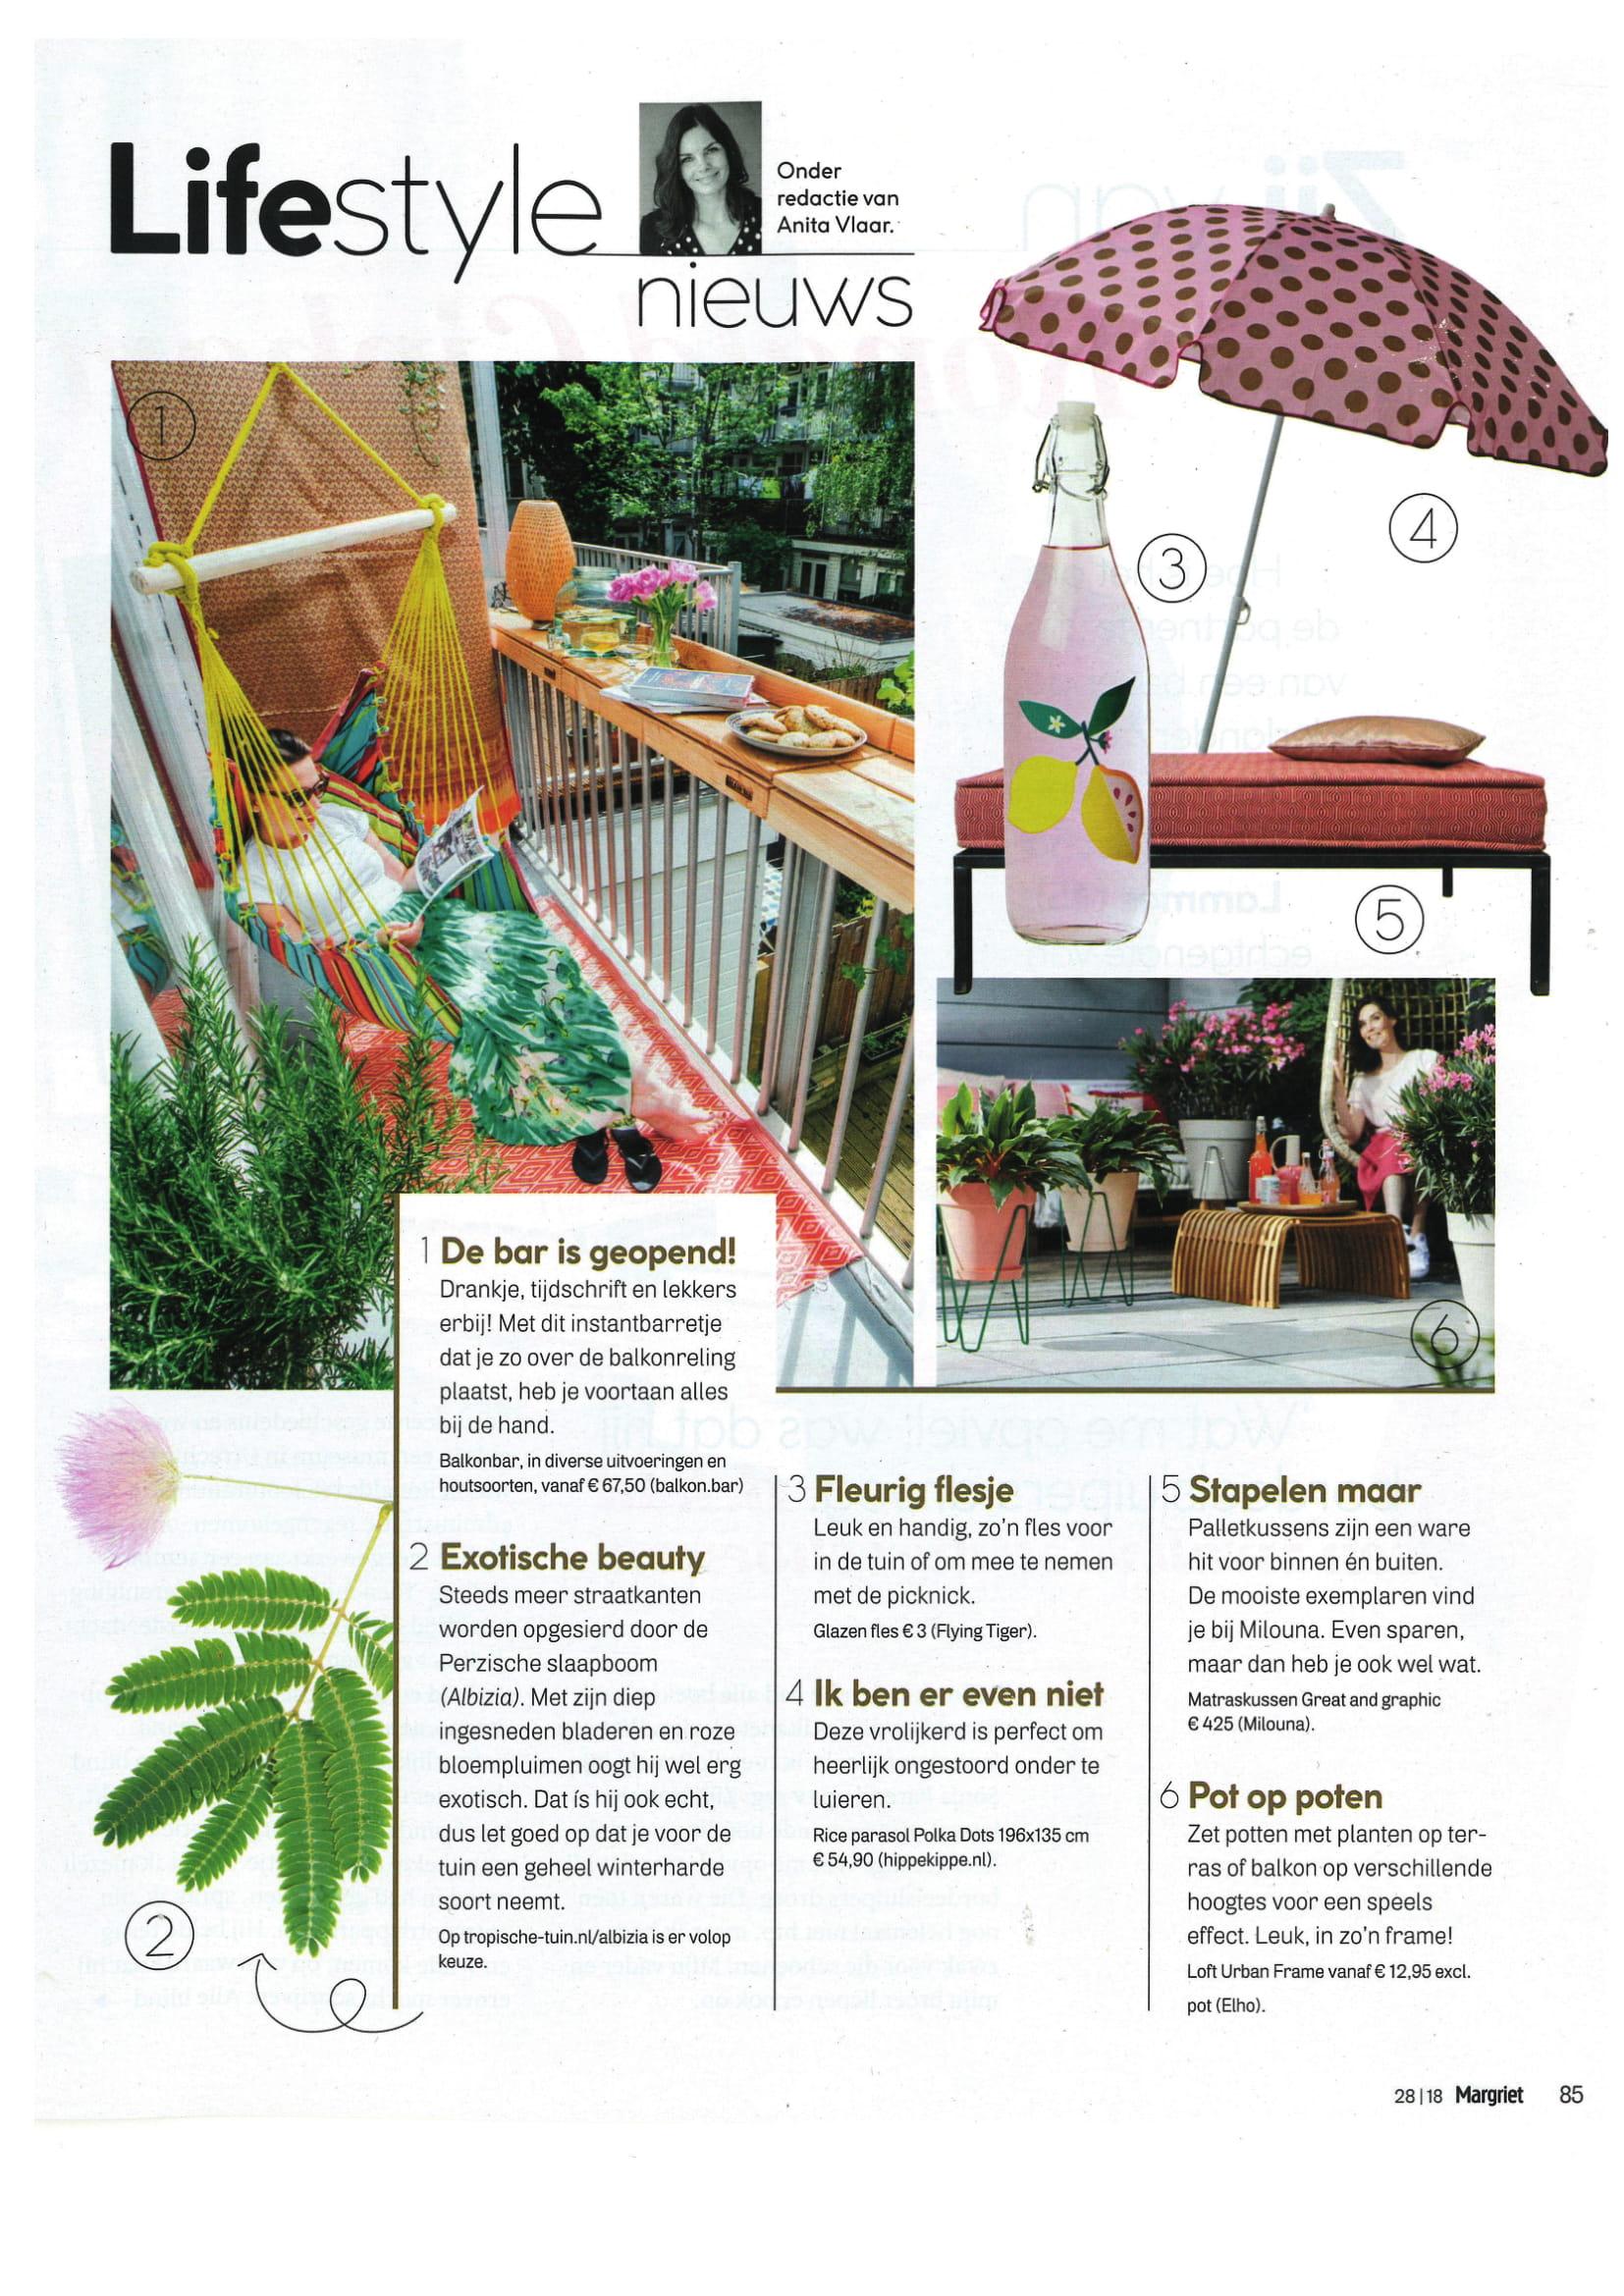 Milouna matraskussens en maatkussens in Lifestyle Magazine